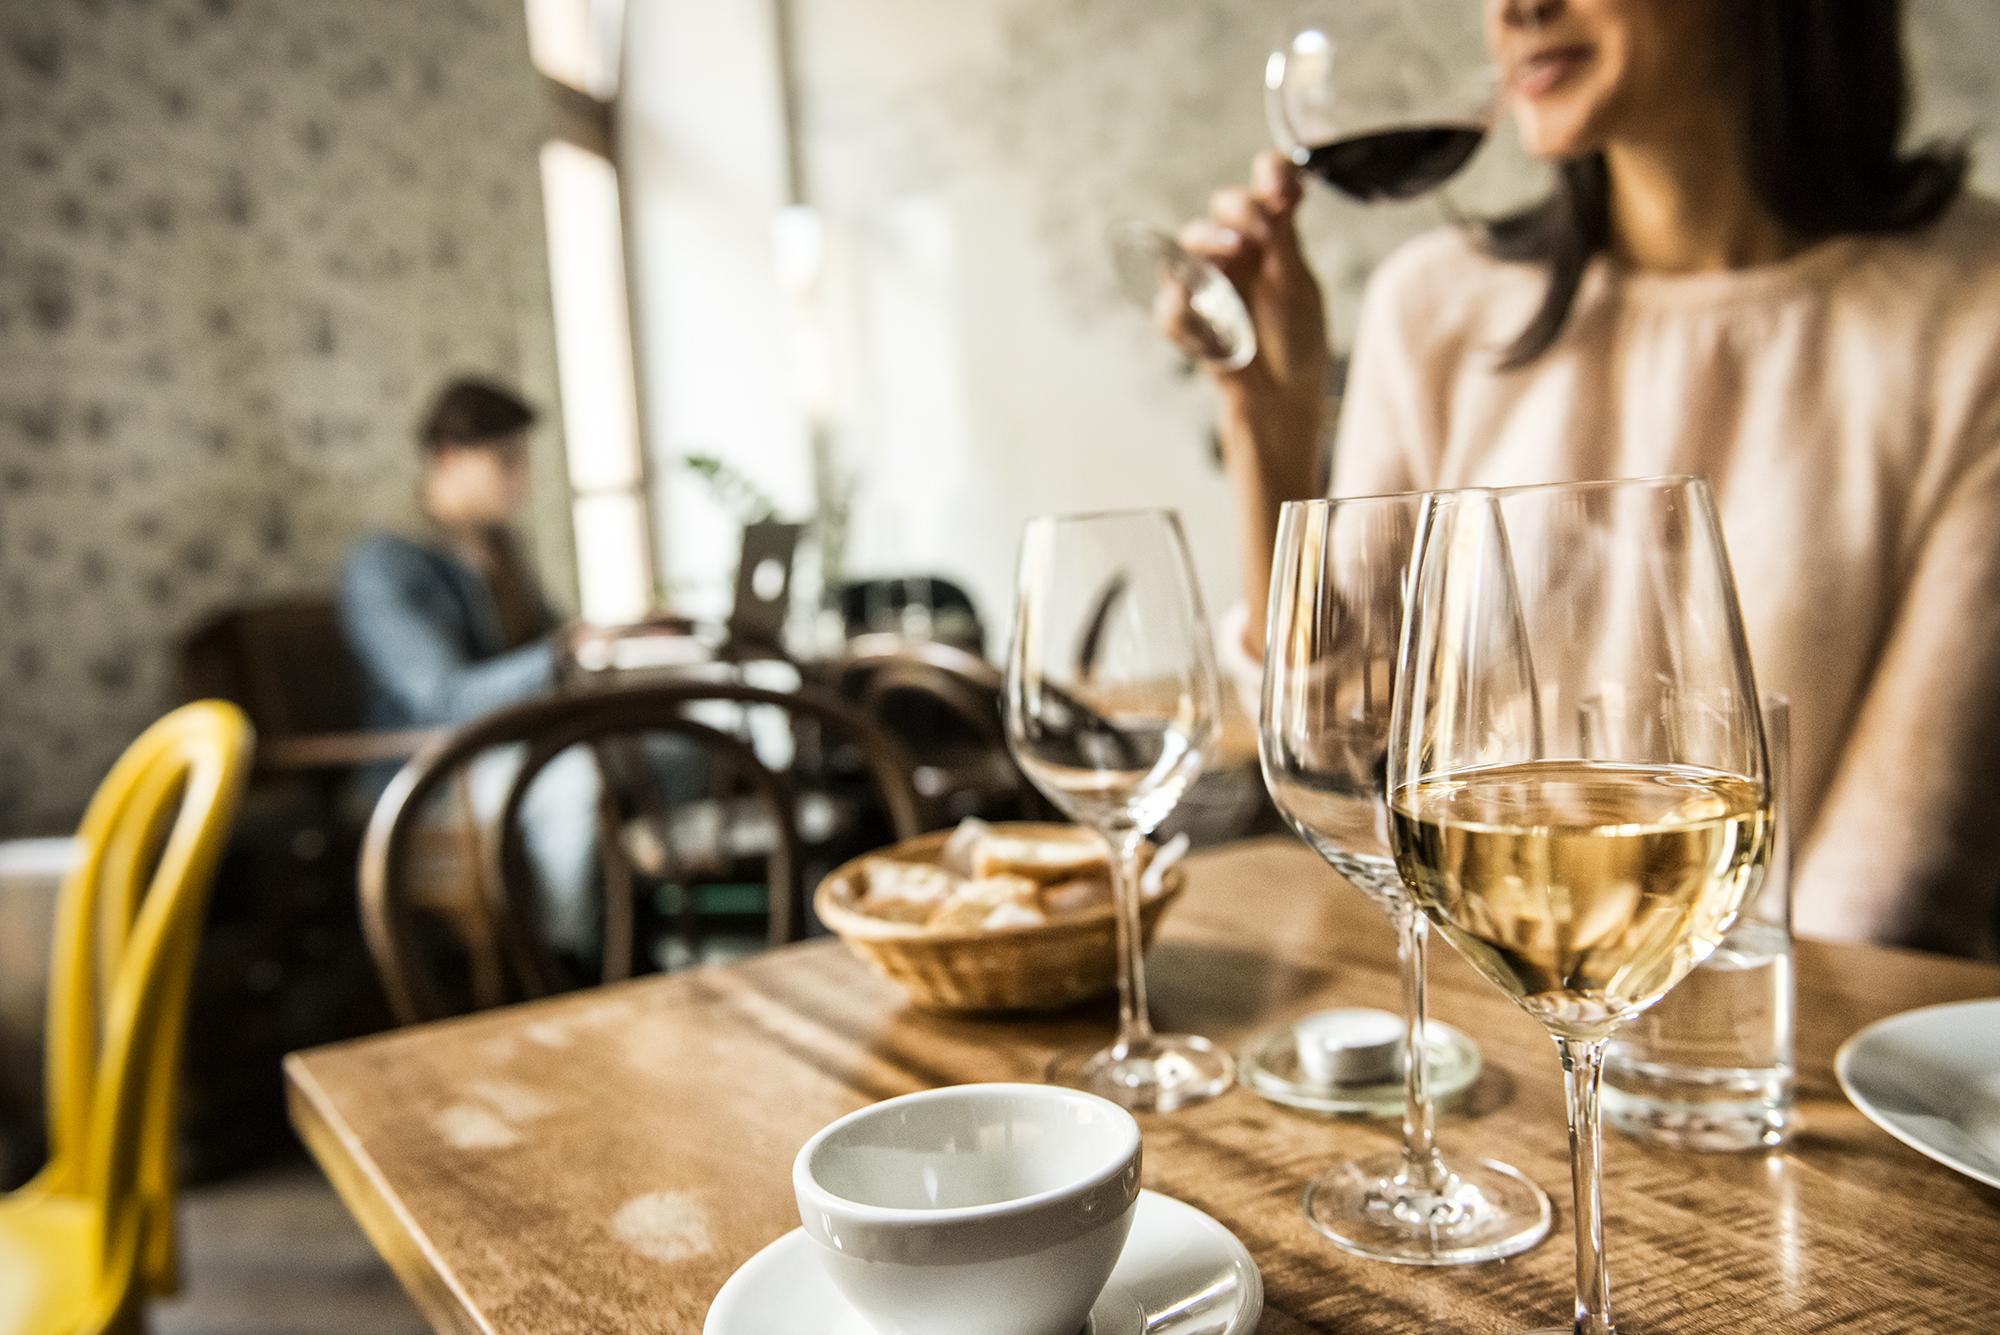 Wohin des Wein wegen in Prag? - Prague.eu